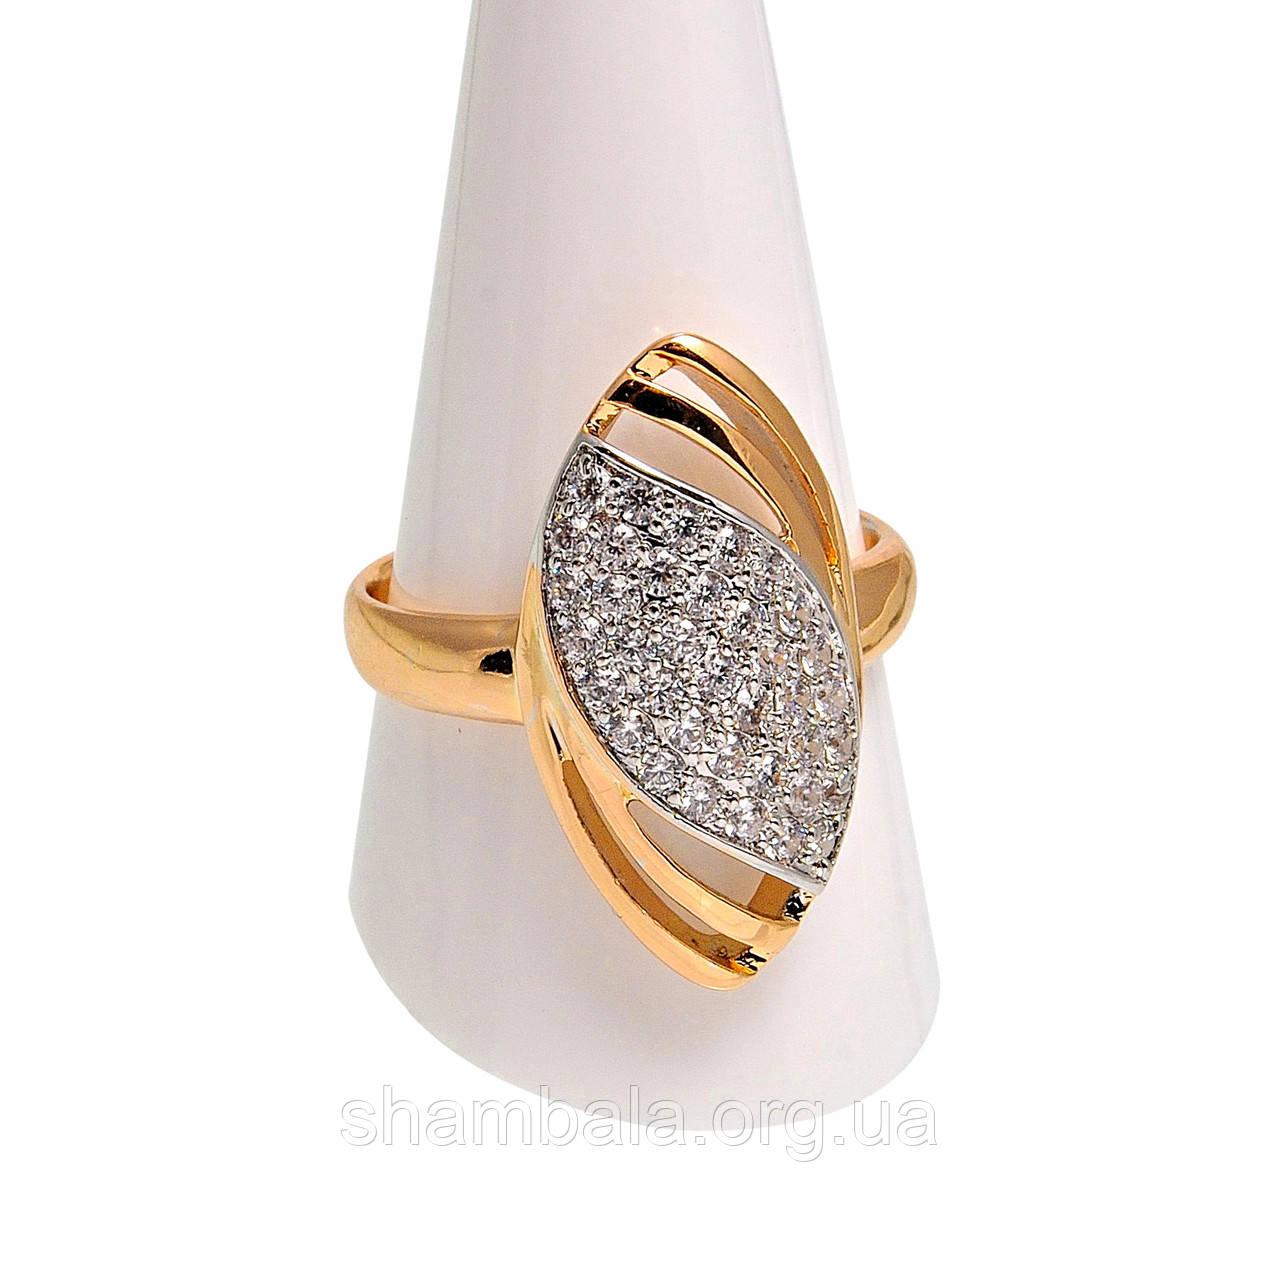 Перстень Ring розмір 10 (080437)